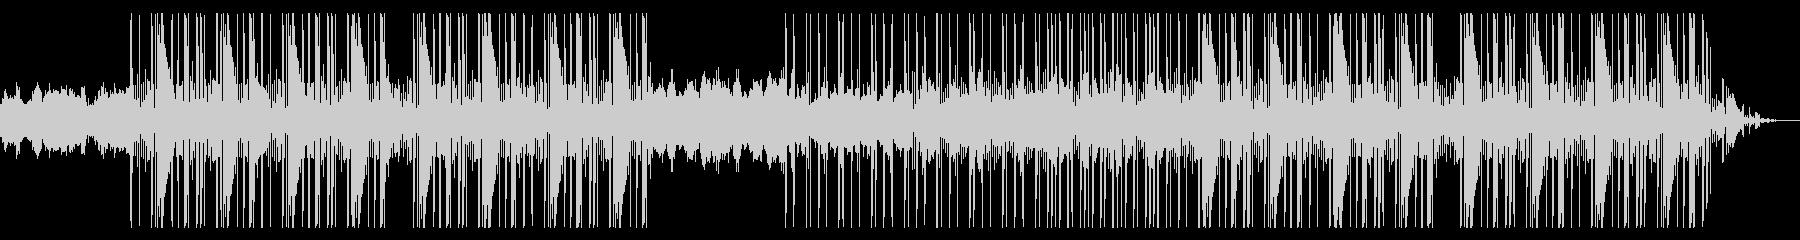 クリスタル 透明感 重低音 ヒップホップの未再生の波形